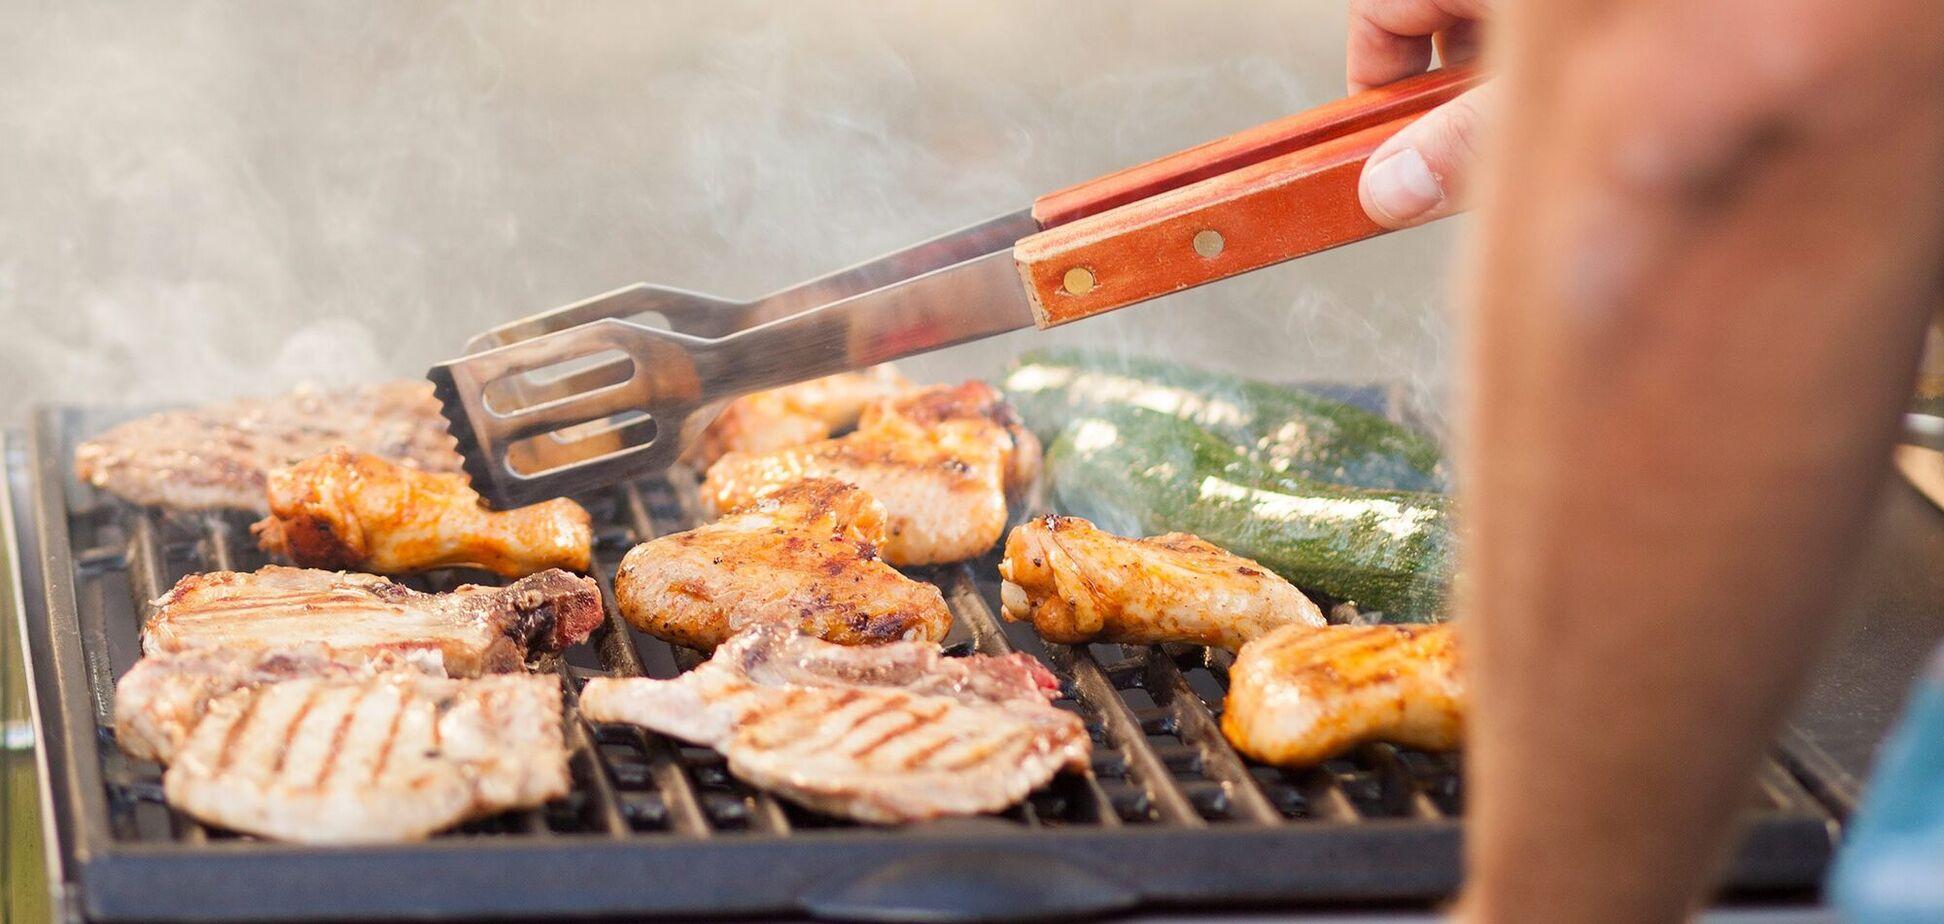 Как правильно готовить овощи и мясо на гриле